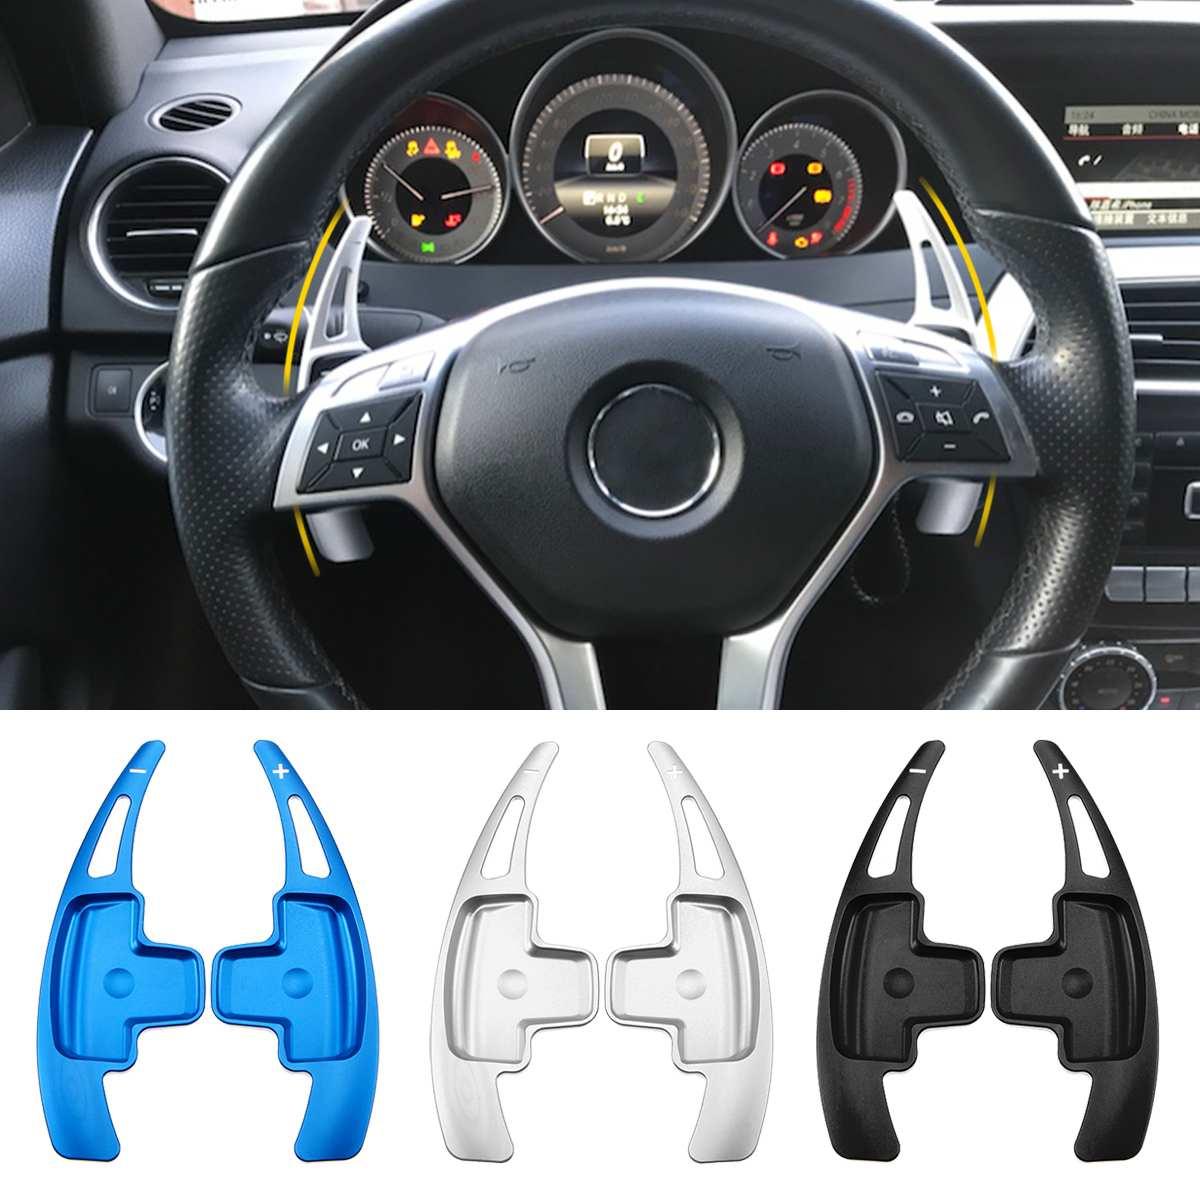 אלומיניום רכב הגה משוט Shift שיפטר הארכת לנץ W176 W205 W212 W222 W246 C117 W218 X156